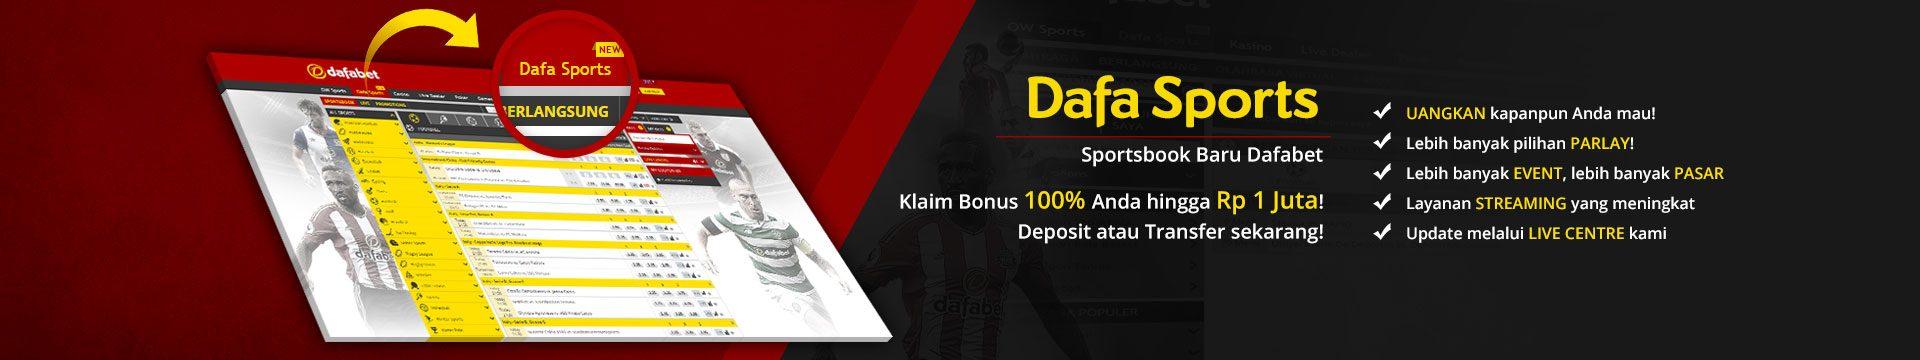 Dafa Sports